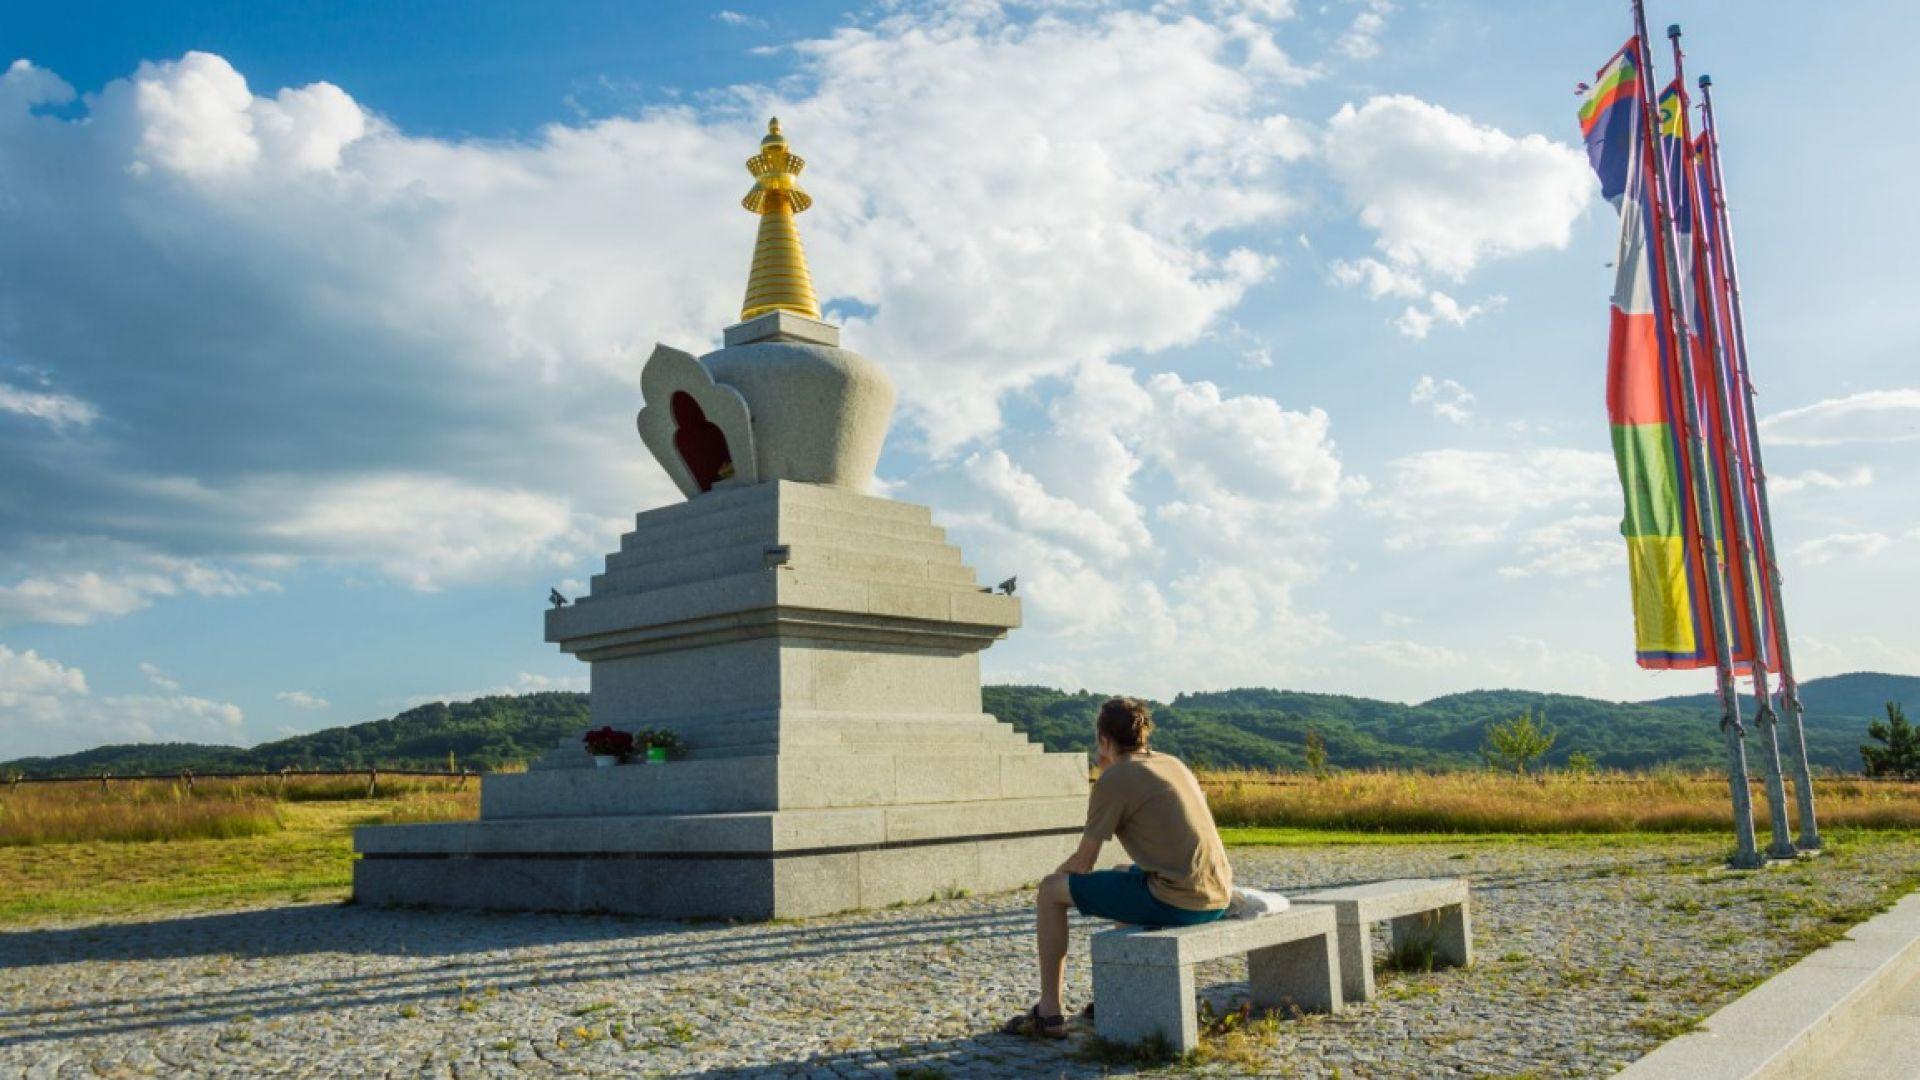 Будистката ступа край село Плана